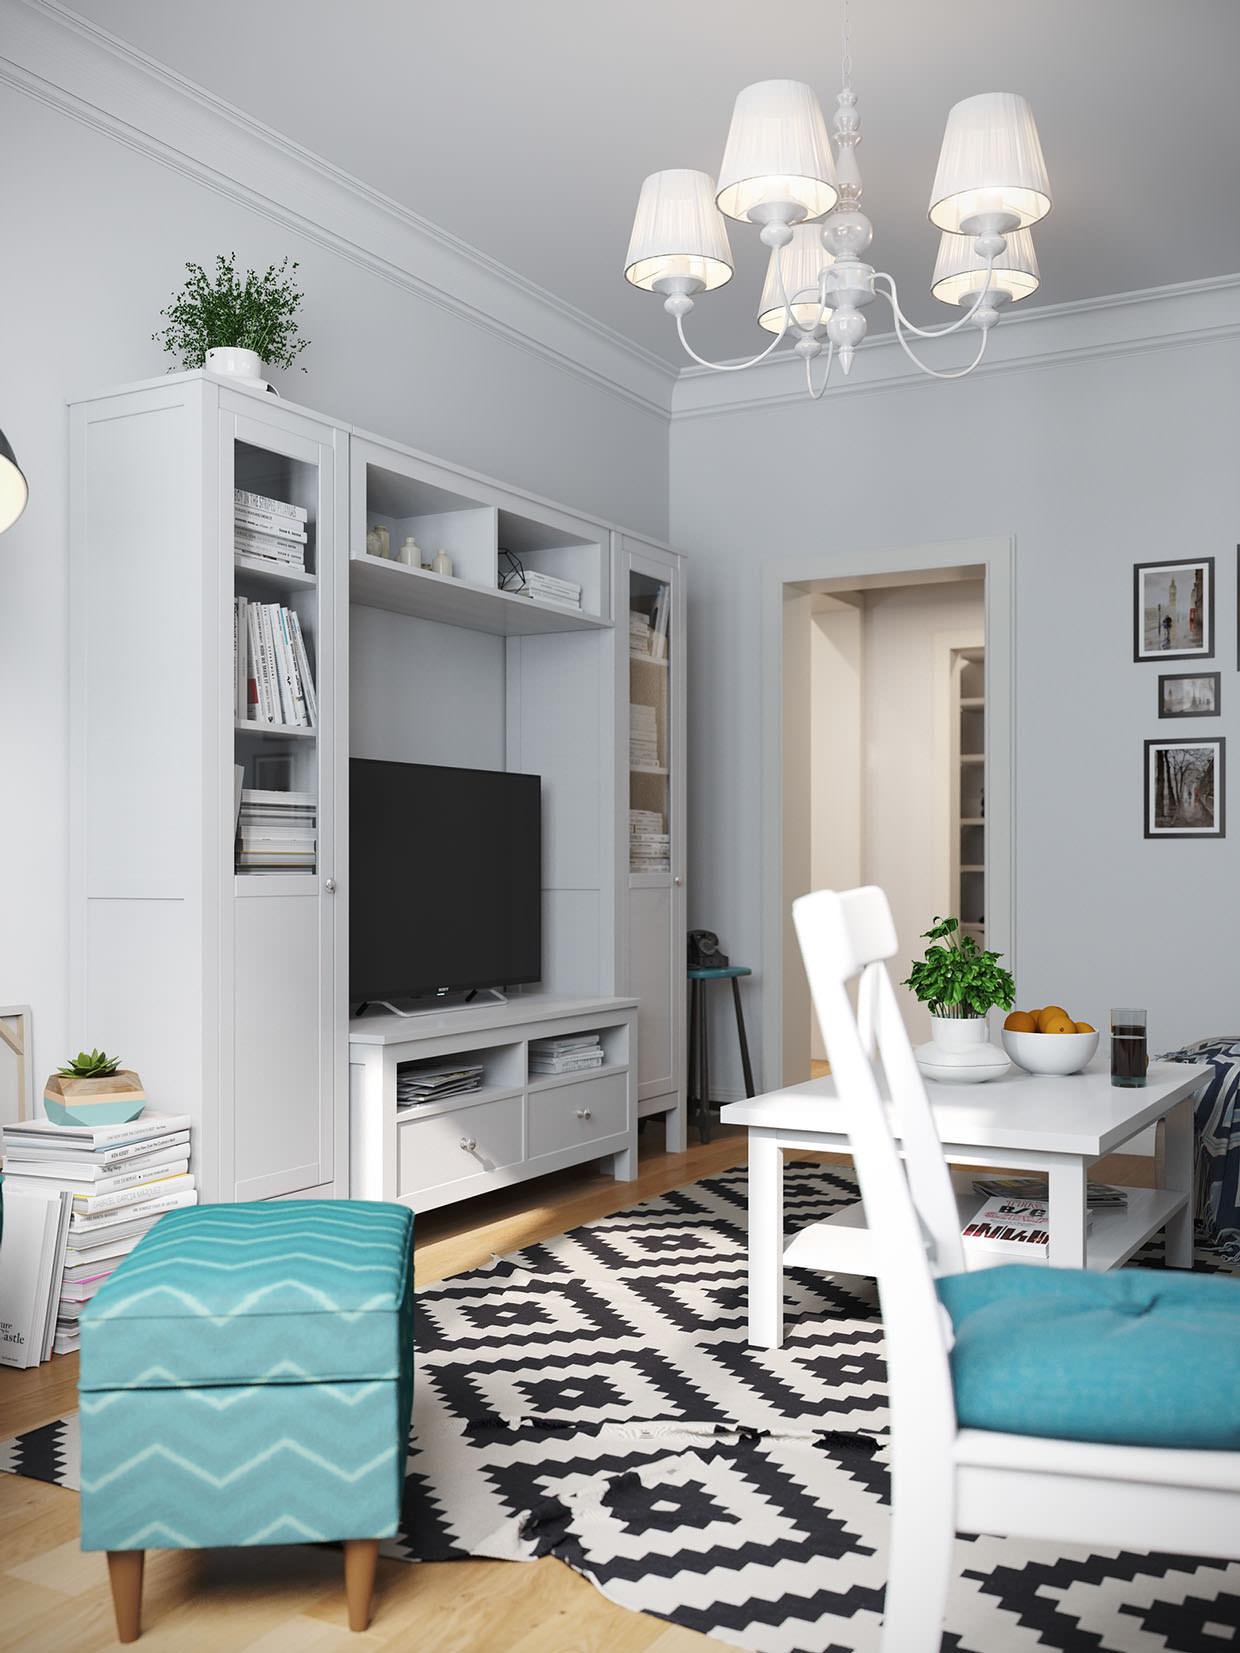 malko-jilishte-s-mladejki-interior-v-skandinavski-stil-3g